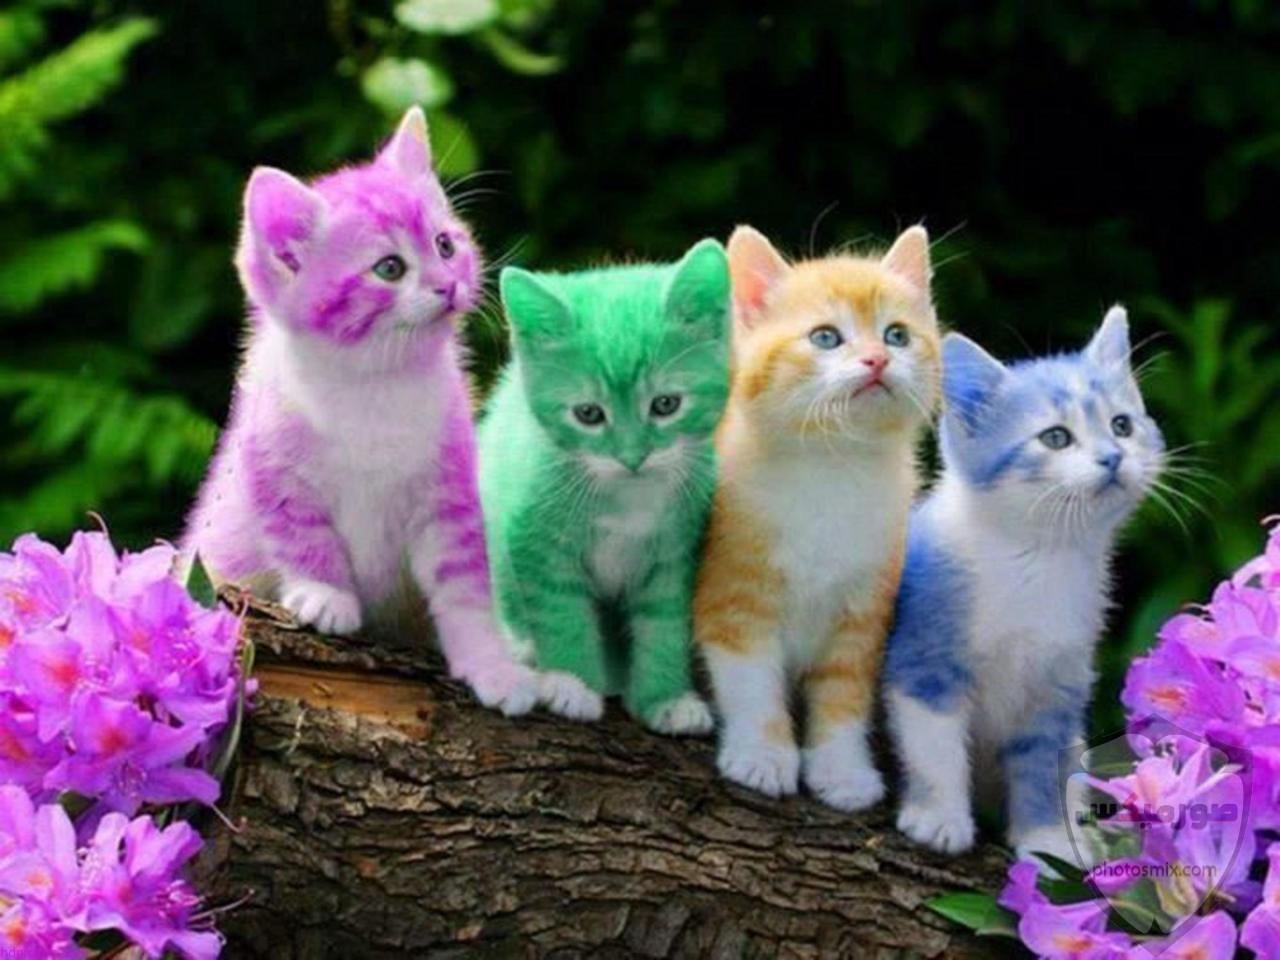 صور خلفيات رمزيات قطط كيوت صورة قطة كيوت جدا 59